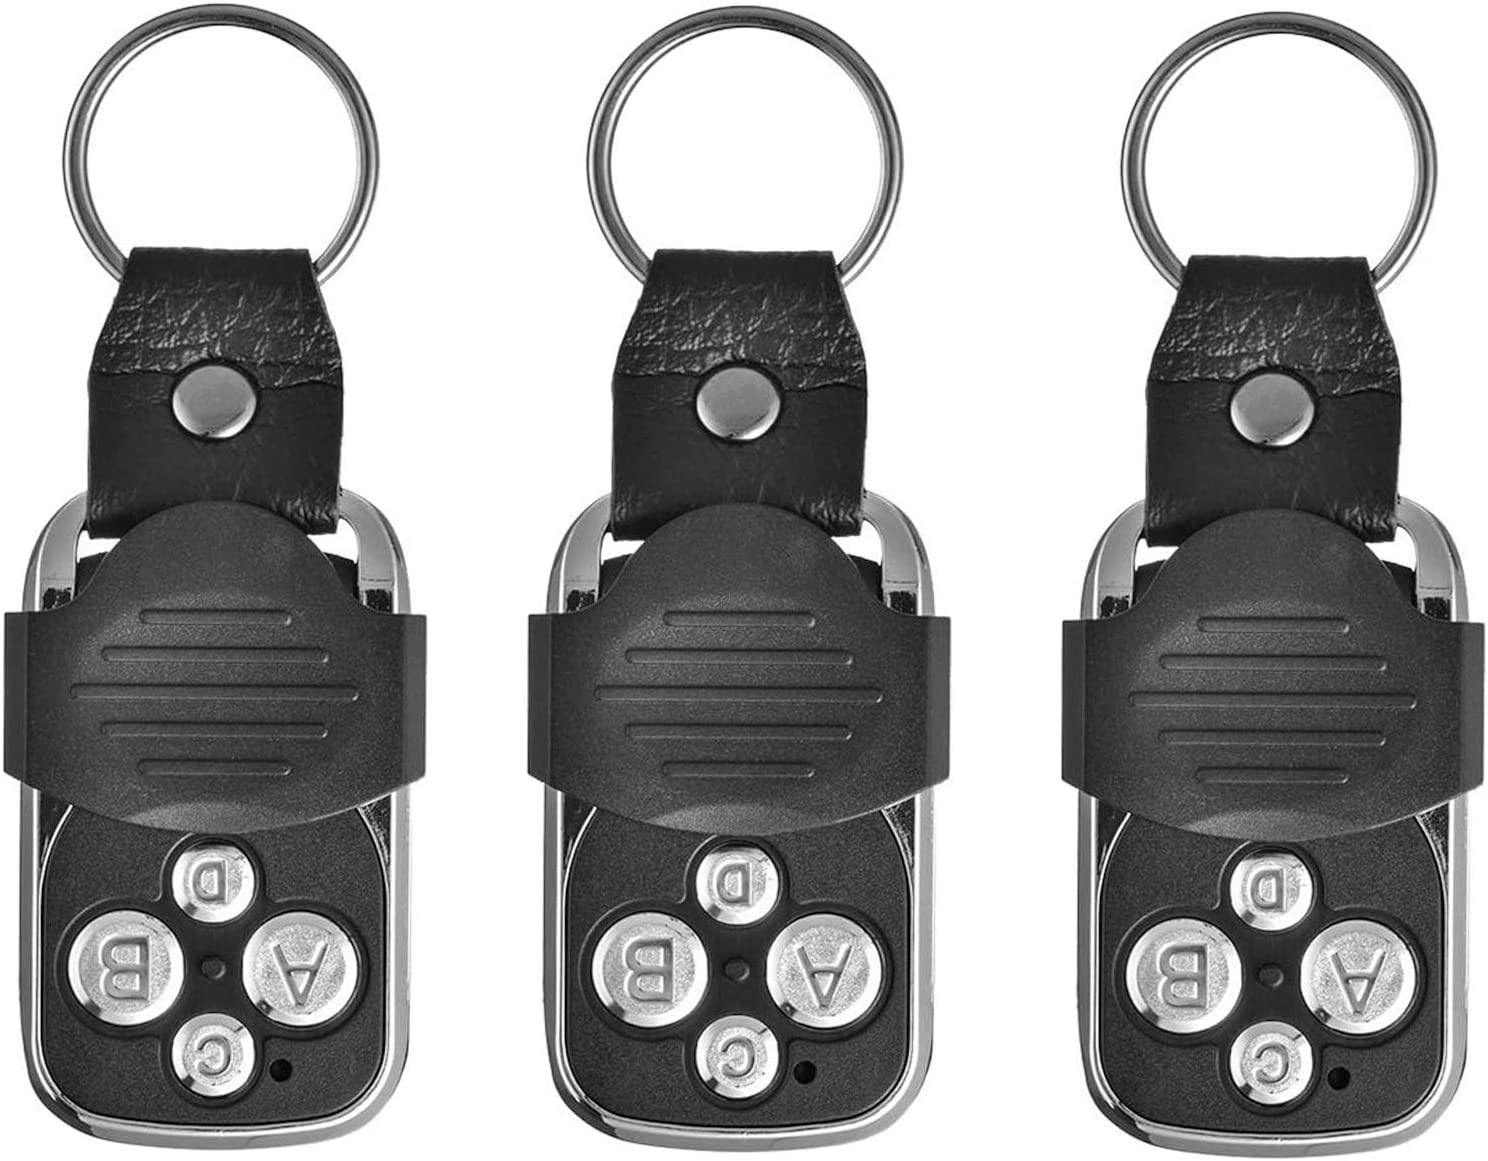 EasyULT 3 Piezas Mando a Distancia para Garaje, 270-433.92MHZ, Universales Puerta Automática a Código Fijo con 4 Canales Diferentes e Panel Corredizo-Negro